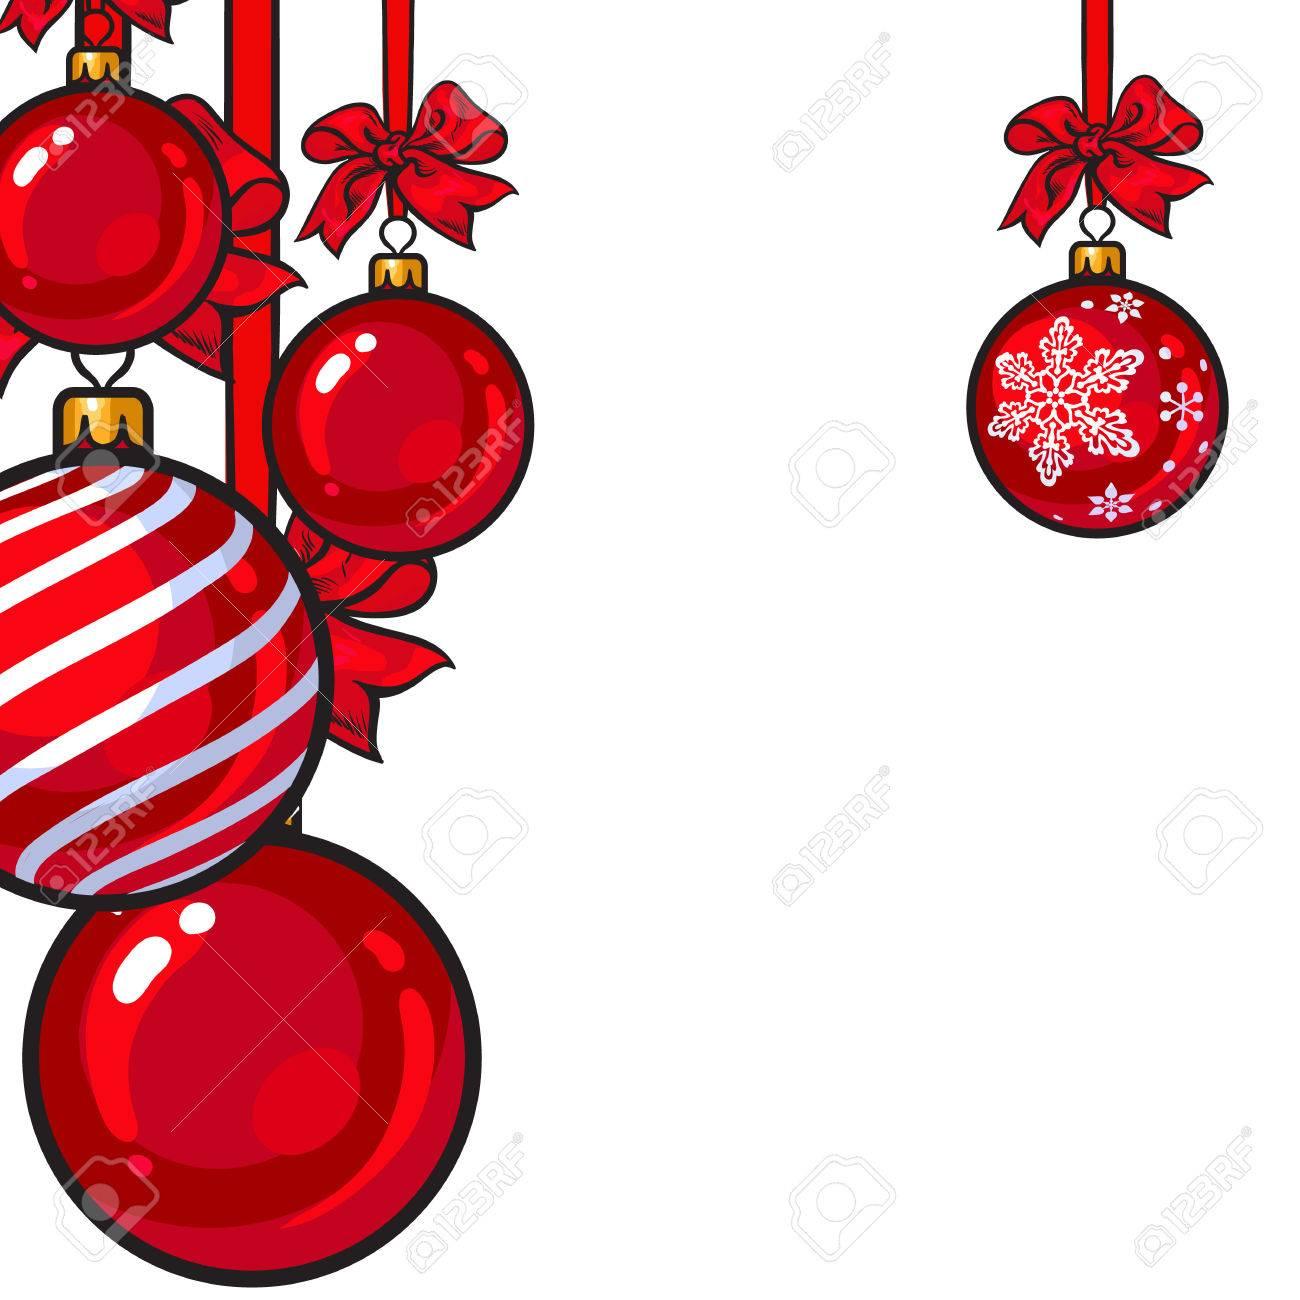 Dibujos De Navidad A Color. De Dibujos Animados De Colores ...